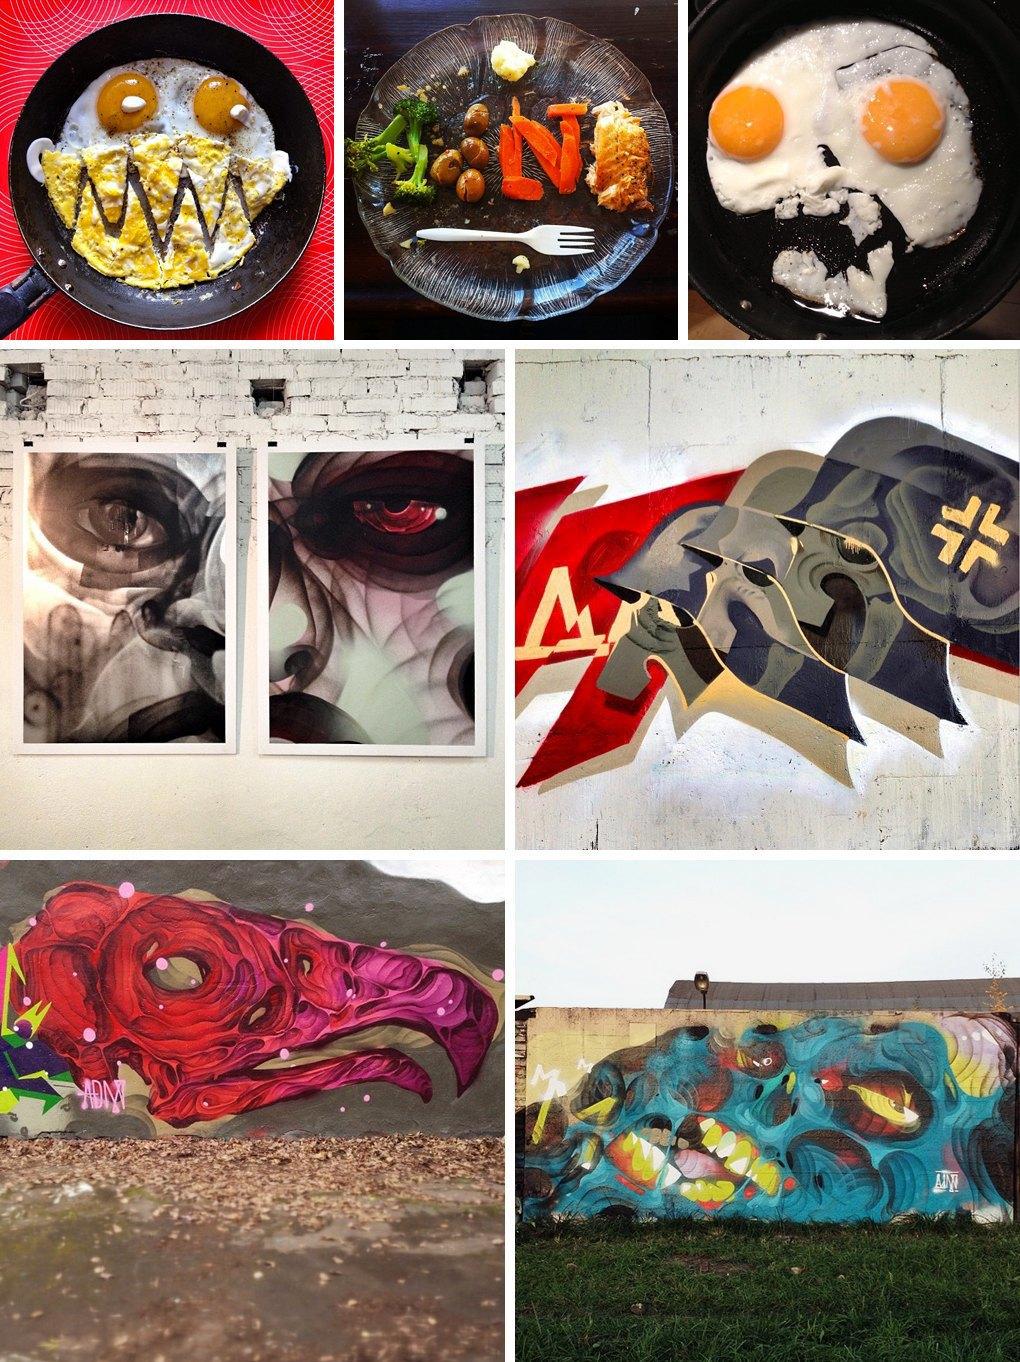 Что публикуют в своих Instagram российские граффити-художники. Часть первая. Изображение № 1.